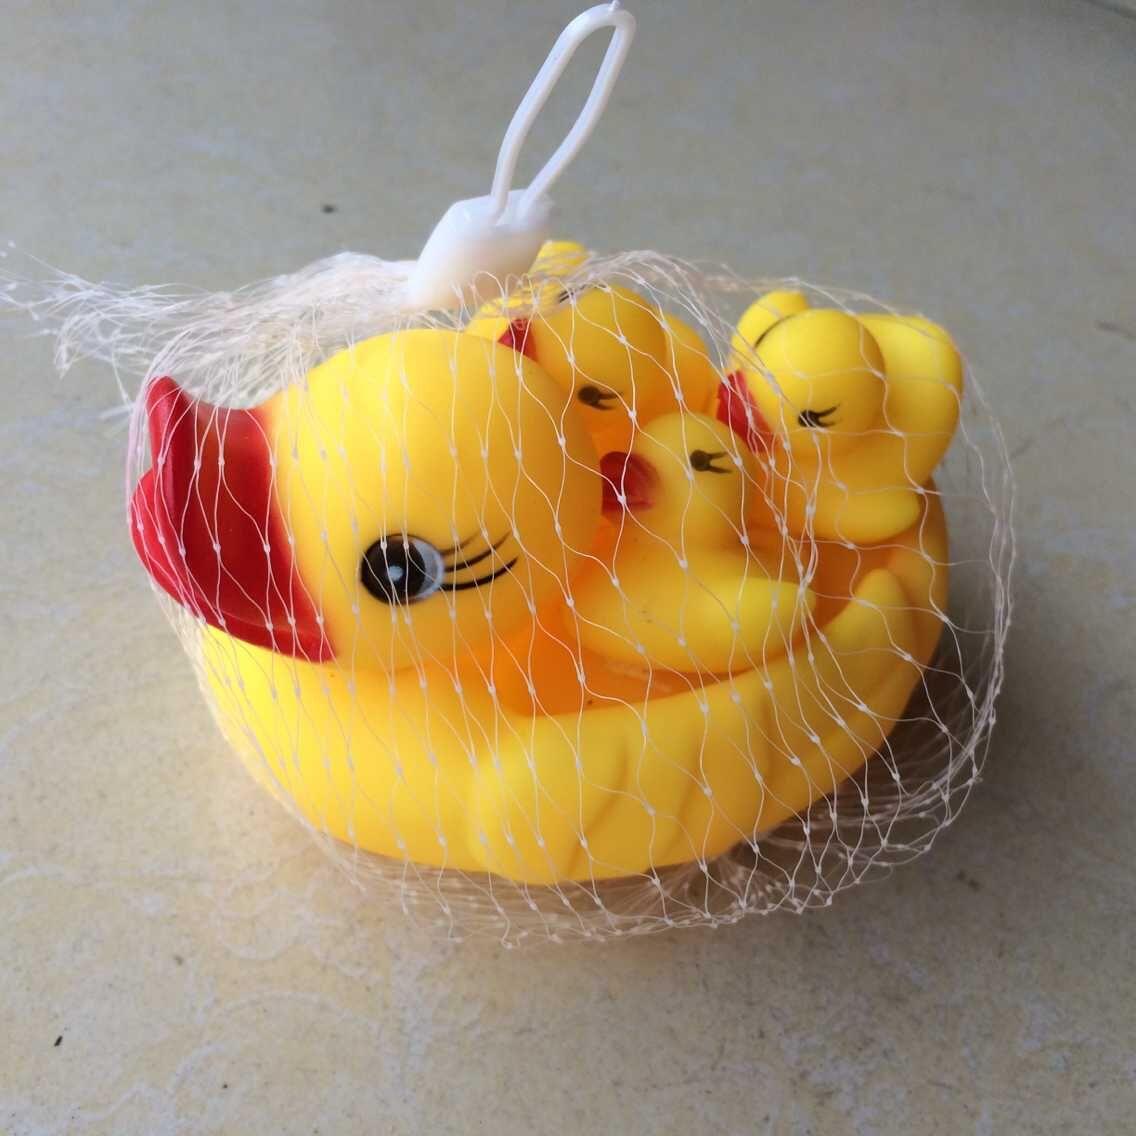 儿童洗澡小鸭子浴室玩具经典戏水会叫的母子鸭宝宝的好玩伴1大3小